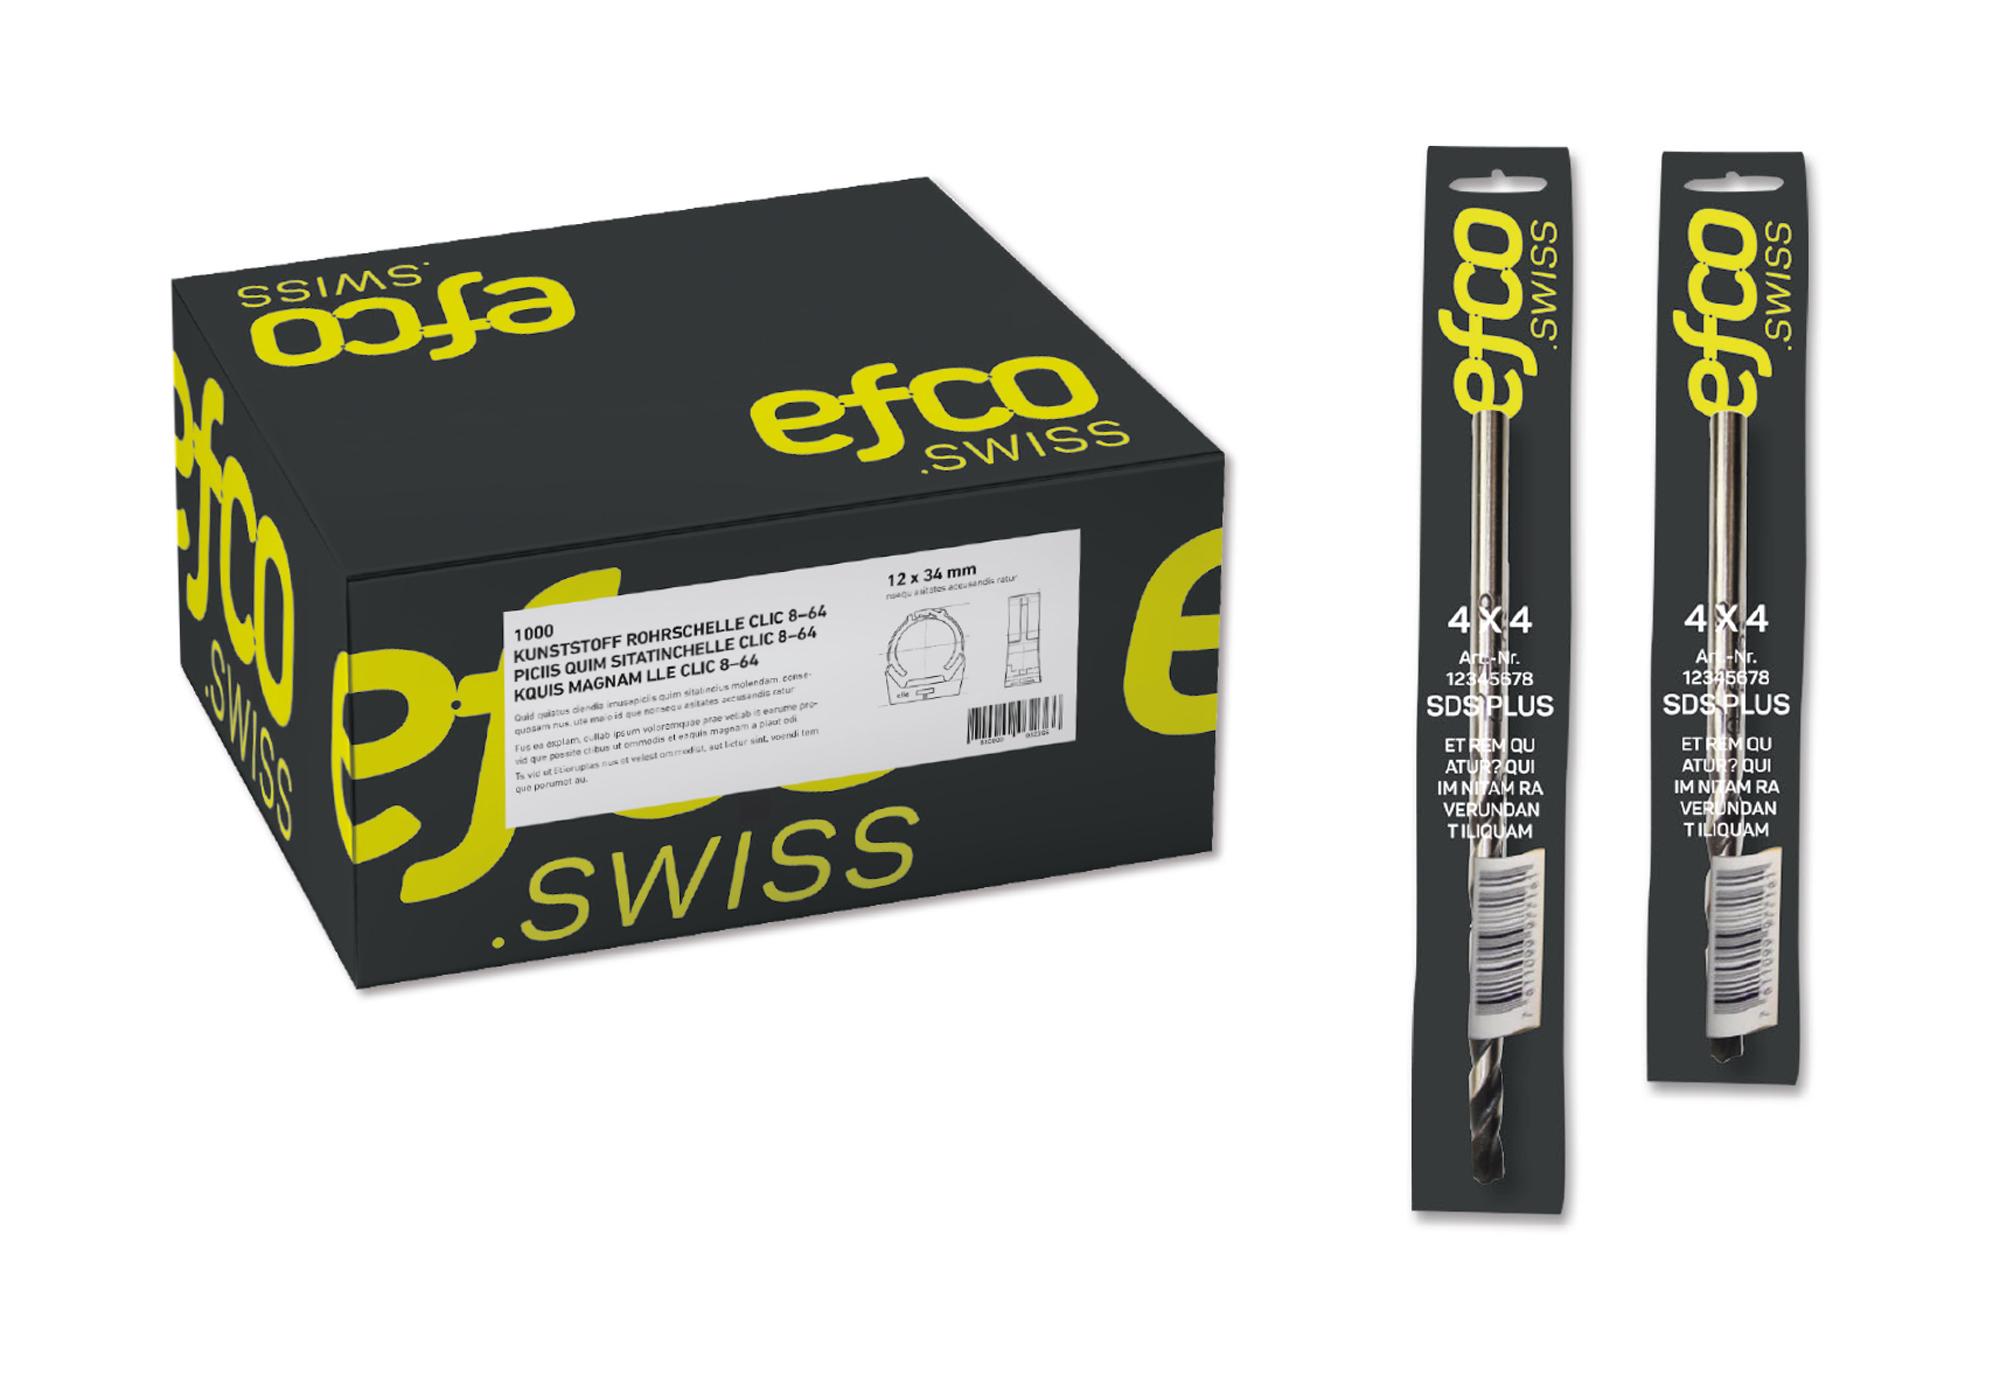 EFCO_Packaging